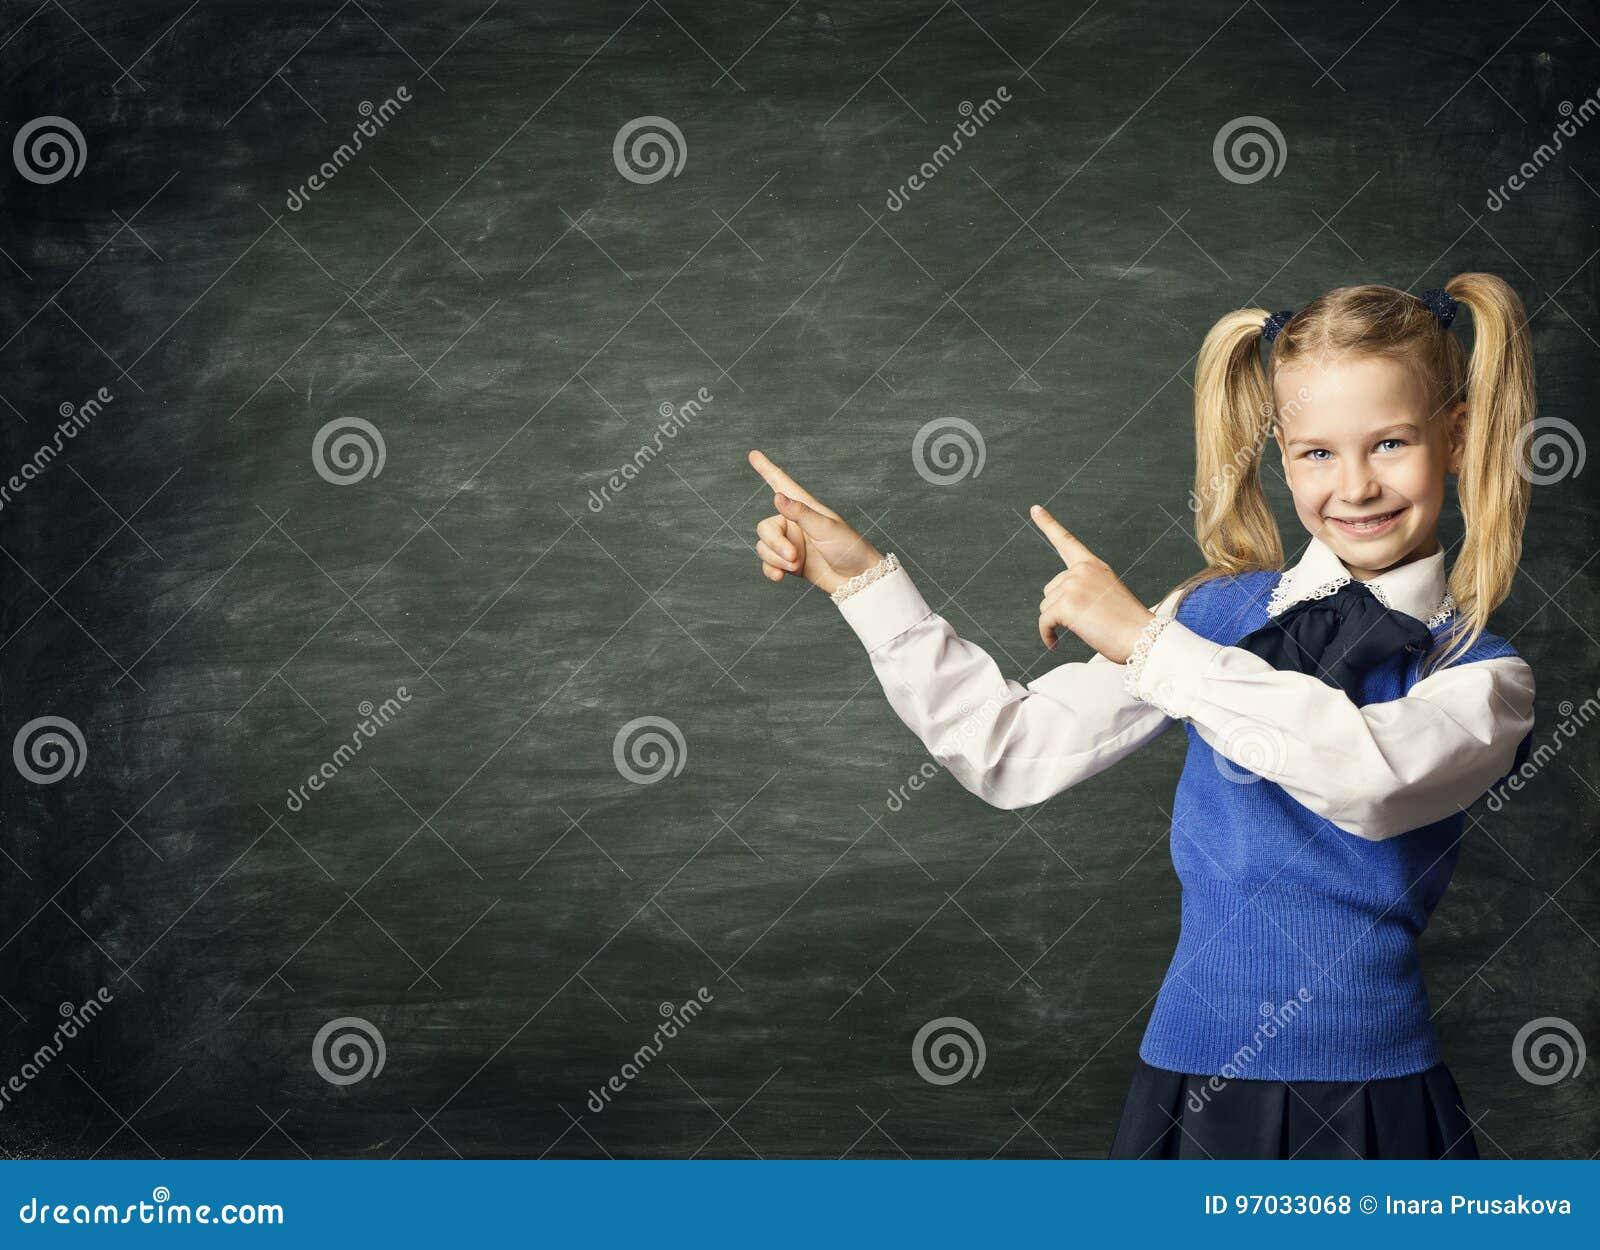 儿童指向黑板,孩子学生黑色板的学校女孩